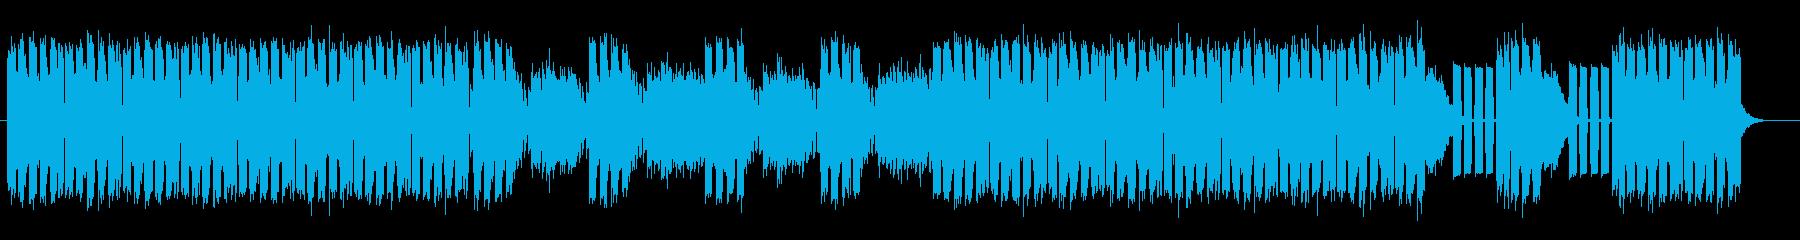 ミステリアスなスピリチュアルサウンドの再生済みの波形